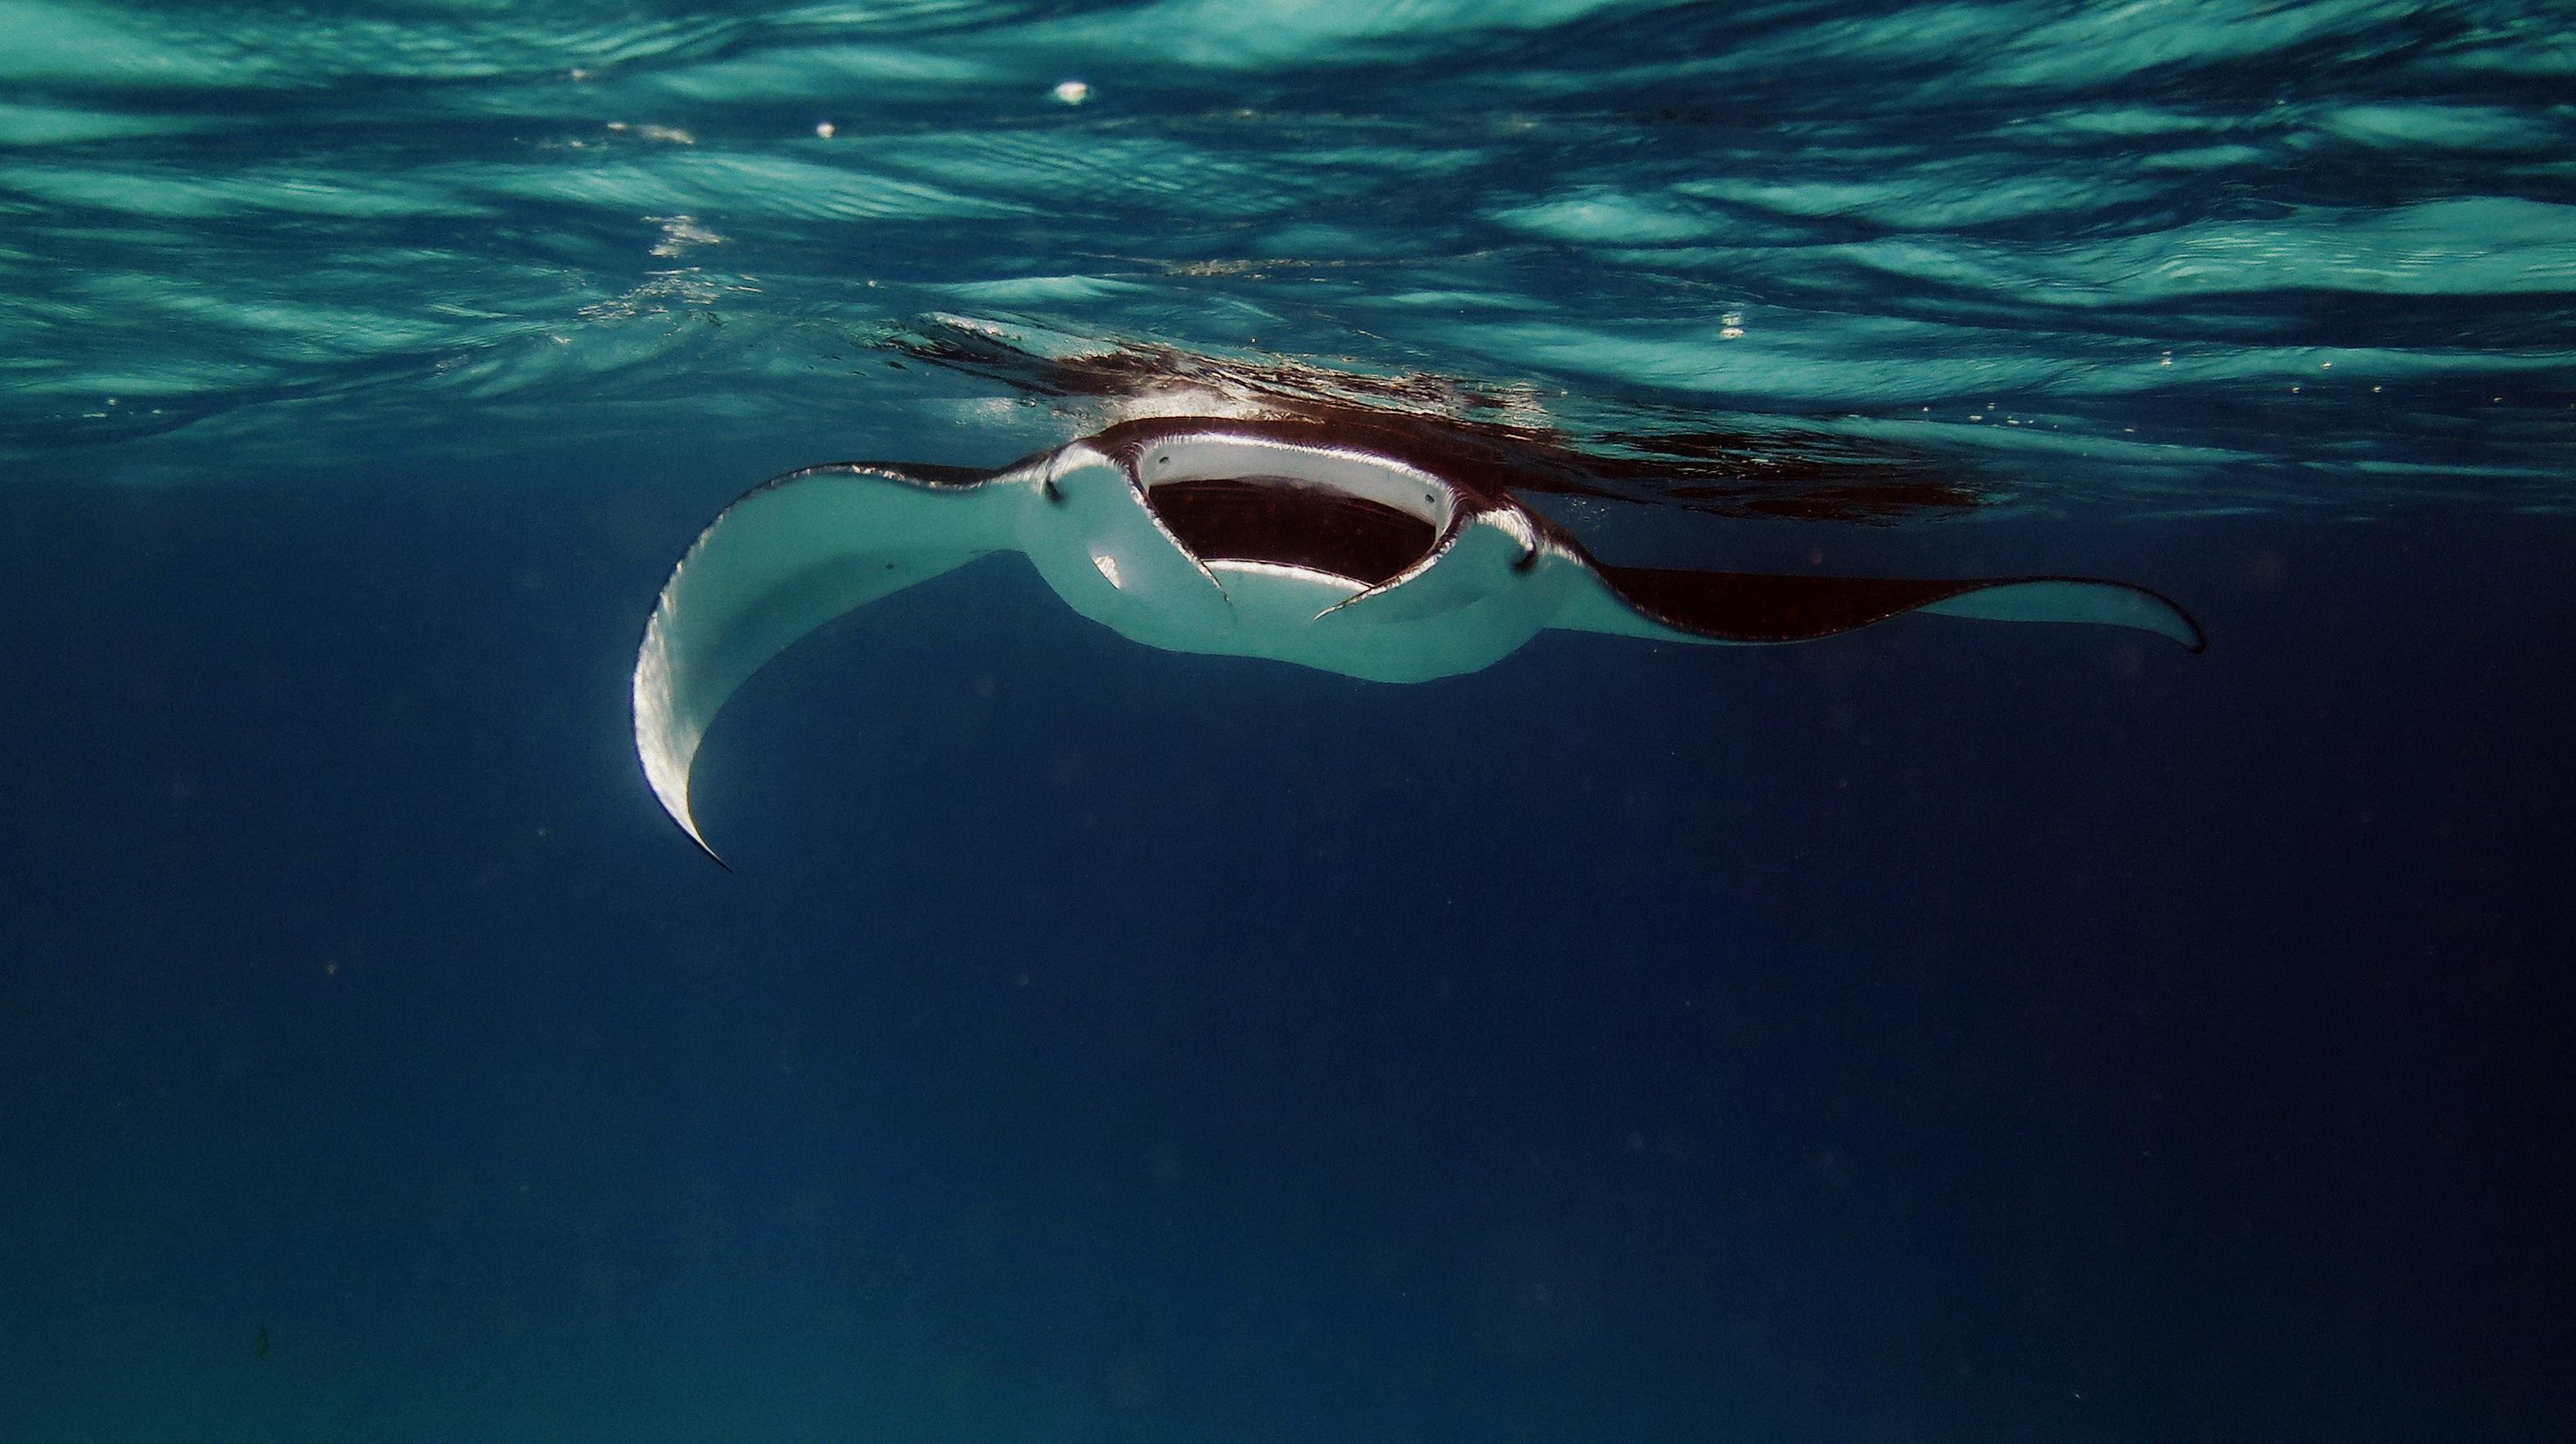 Images gratuites manta raie manta rayon oc an mer for Variedad de peces